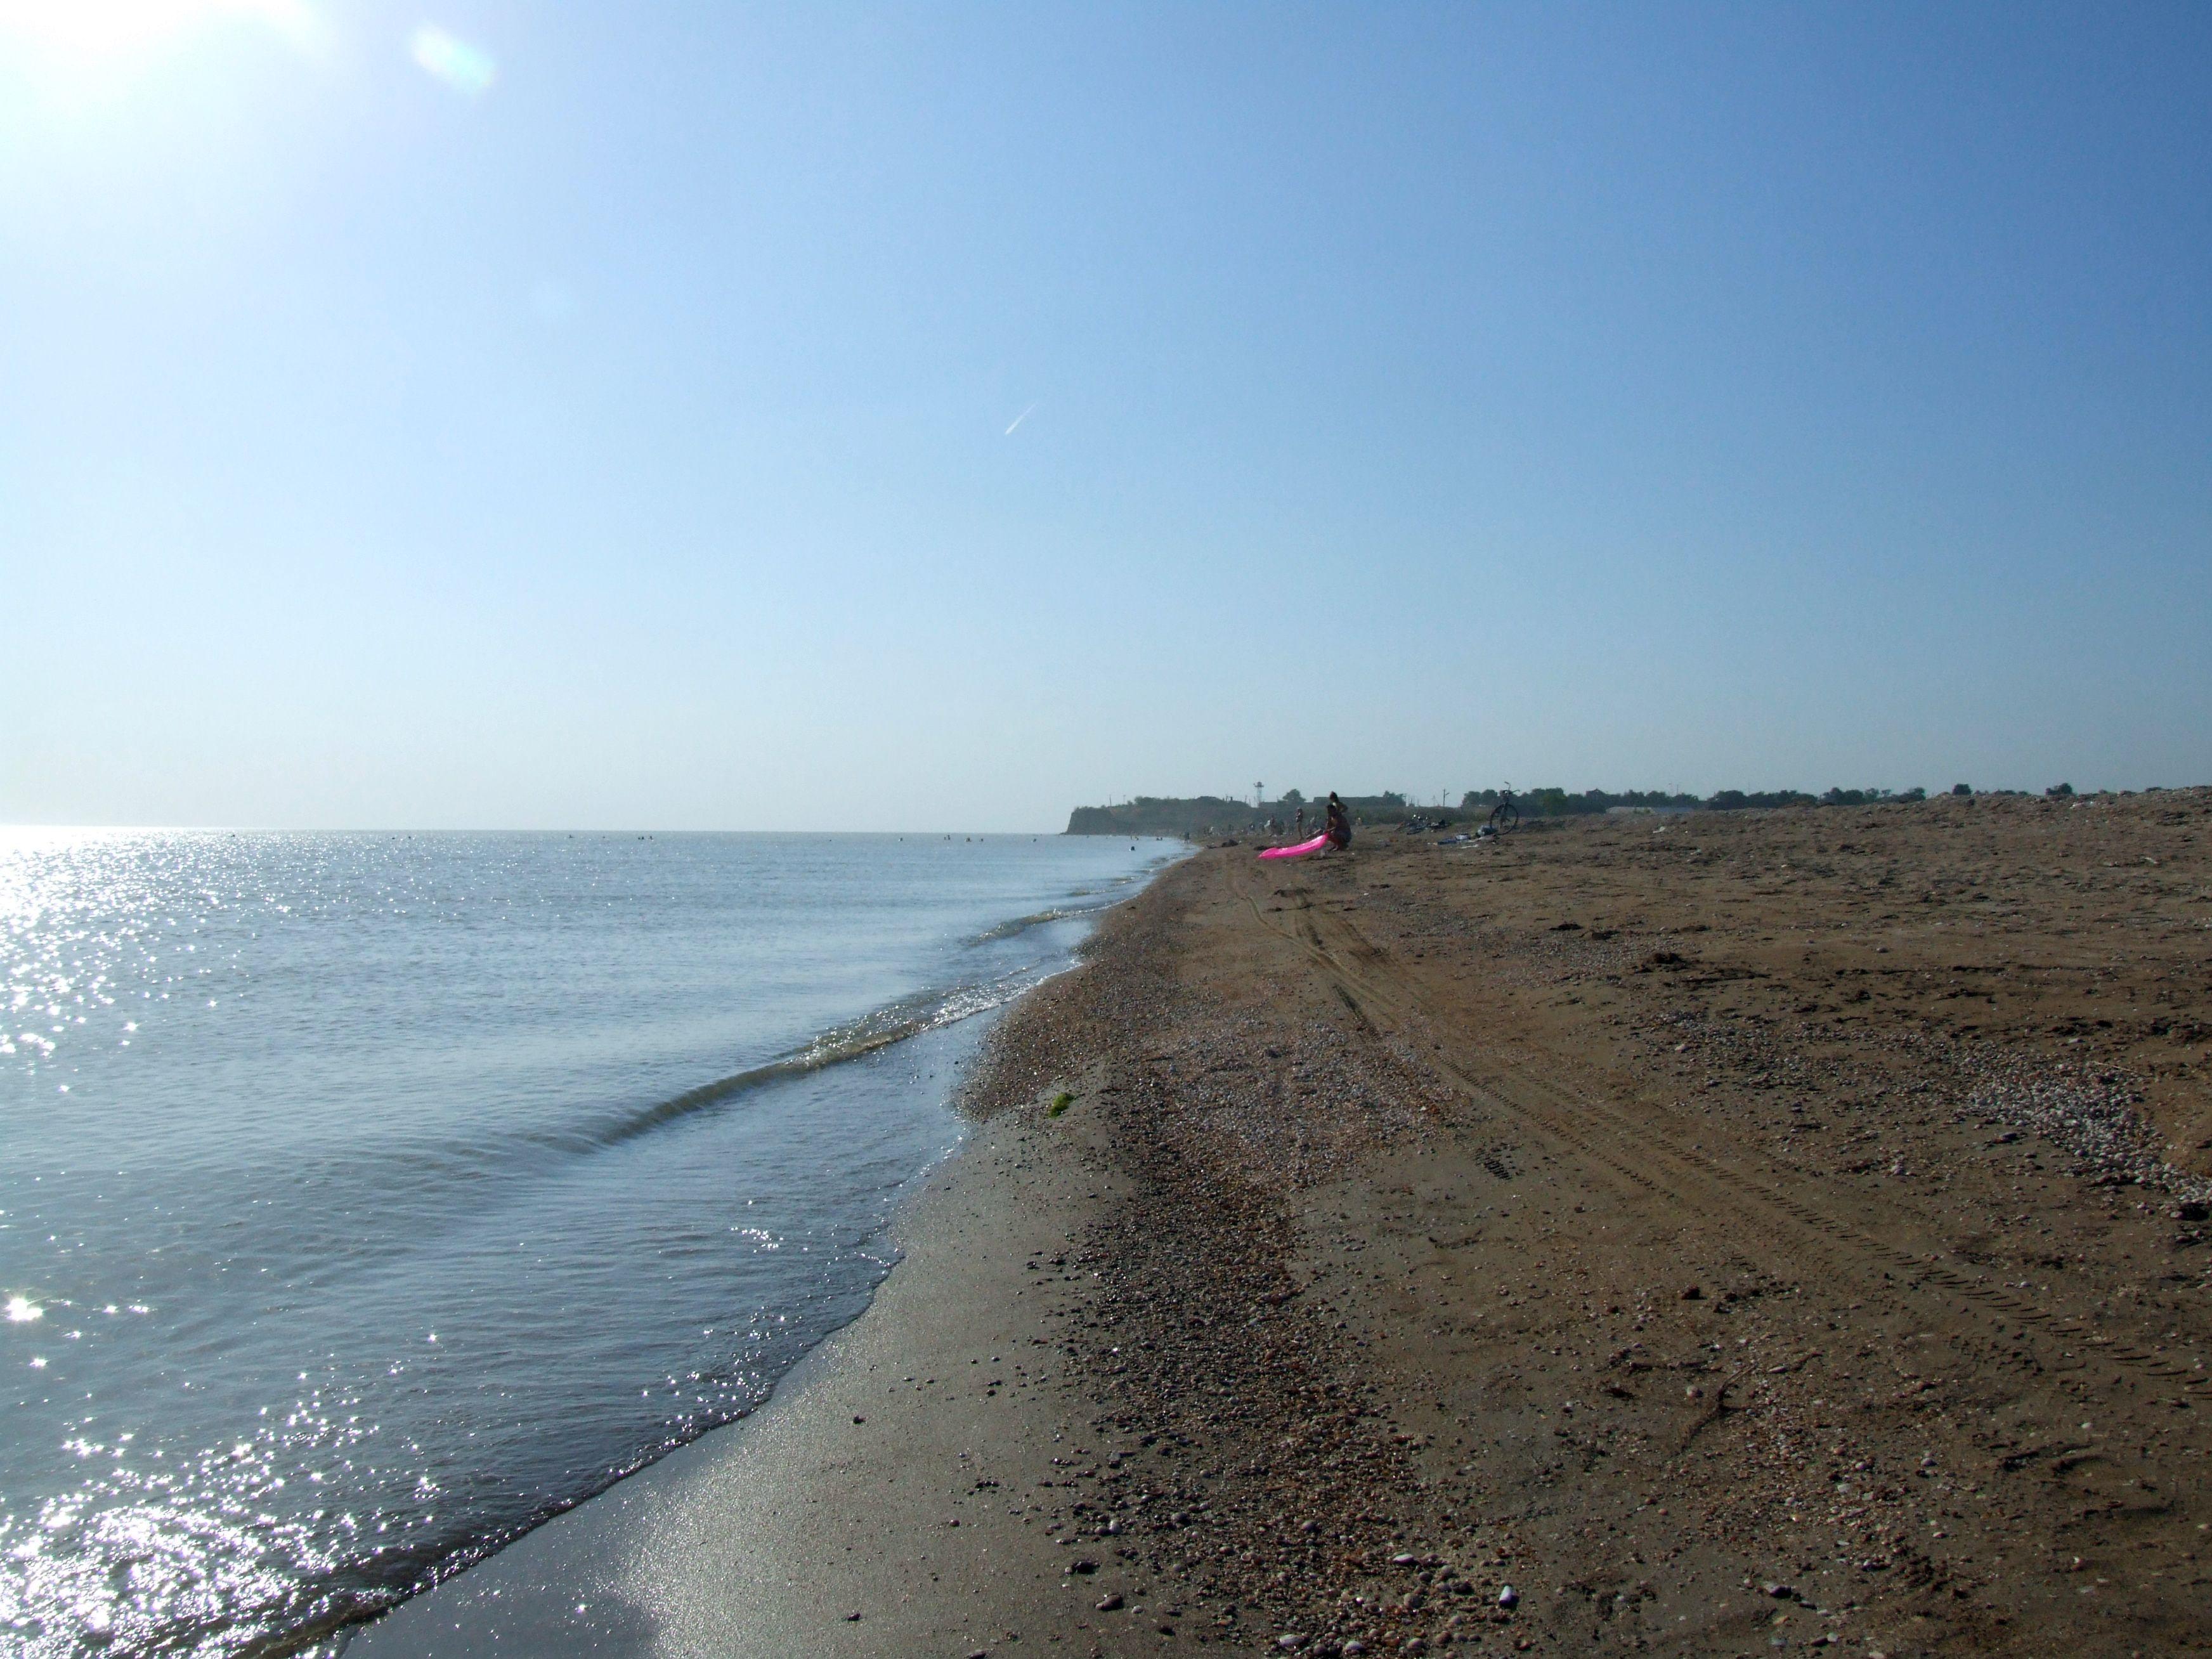 сегодняшний камышеватская фото пляжа хороший, особенно